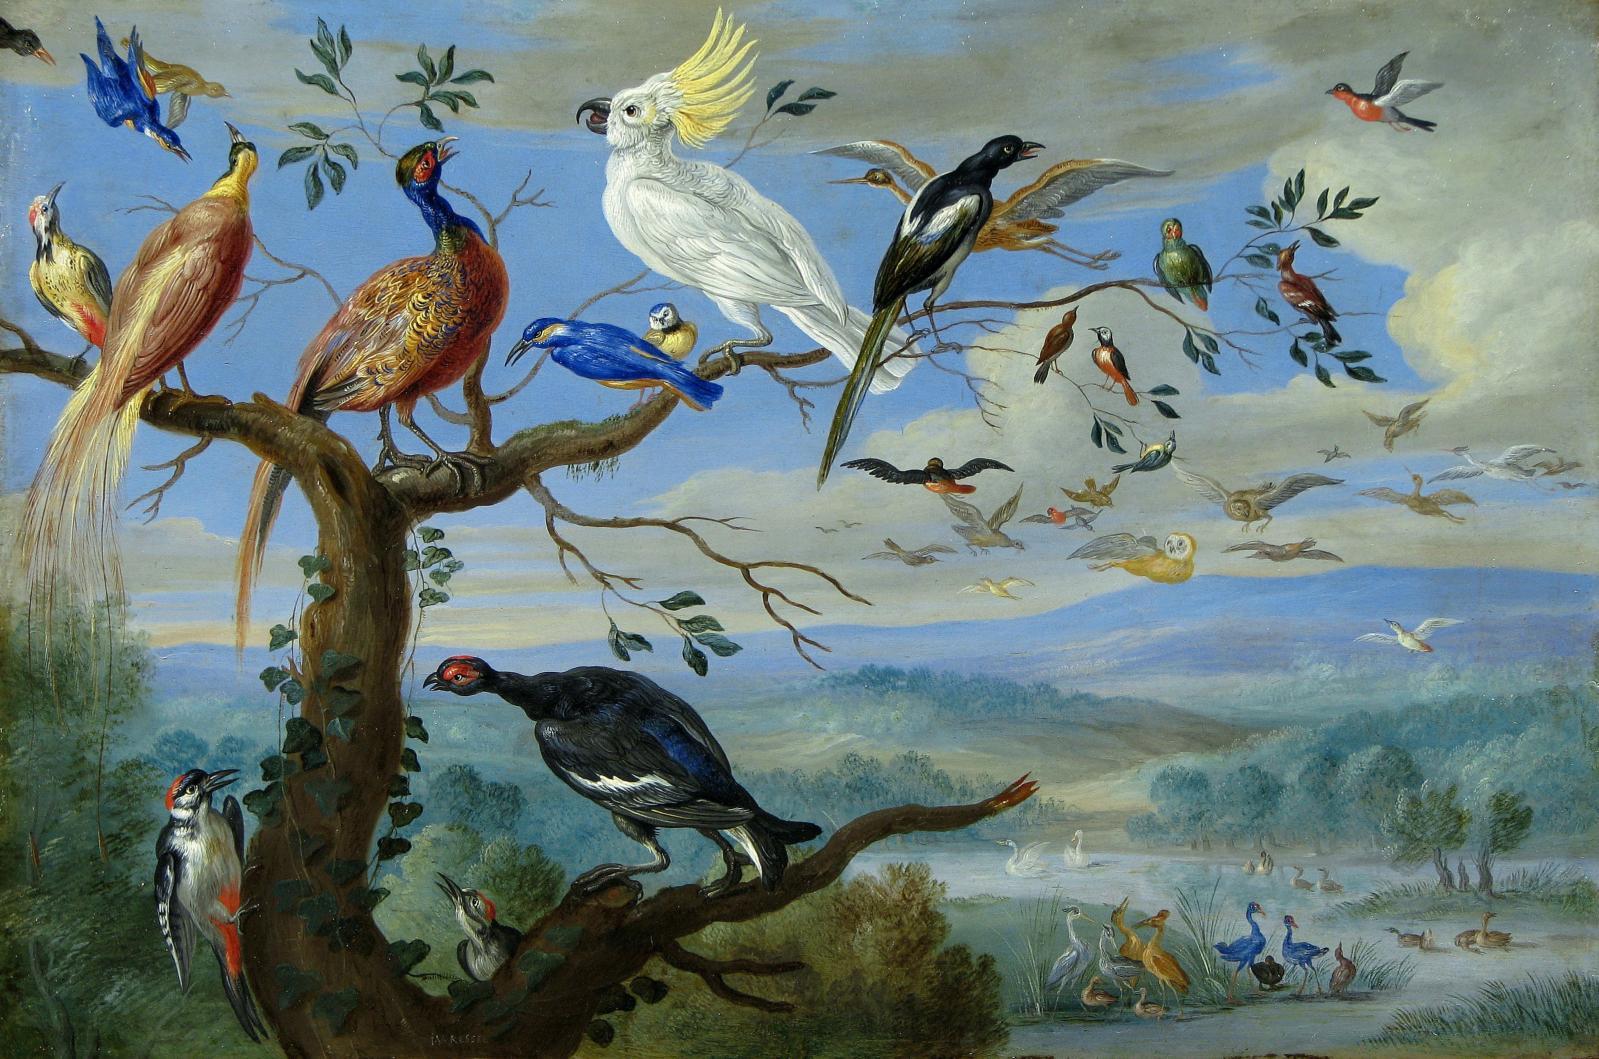 Jan van Kessel le Vieux (1626-1679), Oiseaux exotiques, huile sur cuivre, 19,4x29,1cm, détail. Galerie Costermans, Bruxelles.